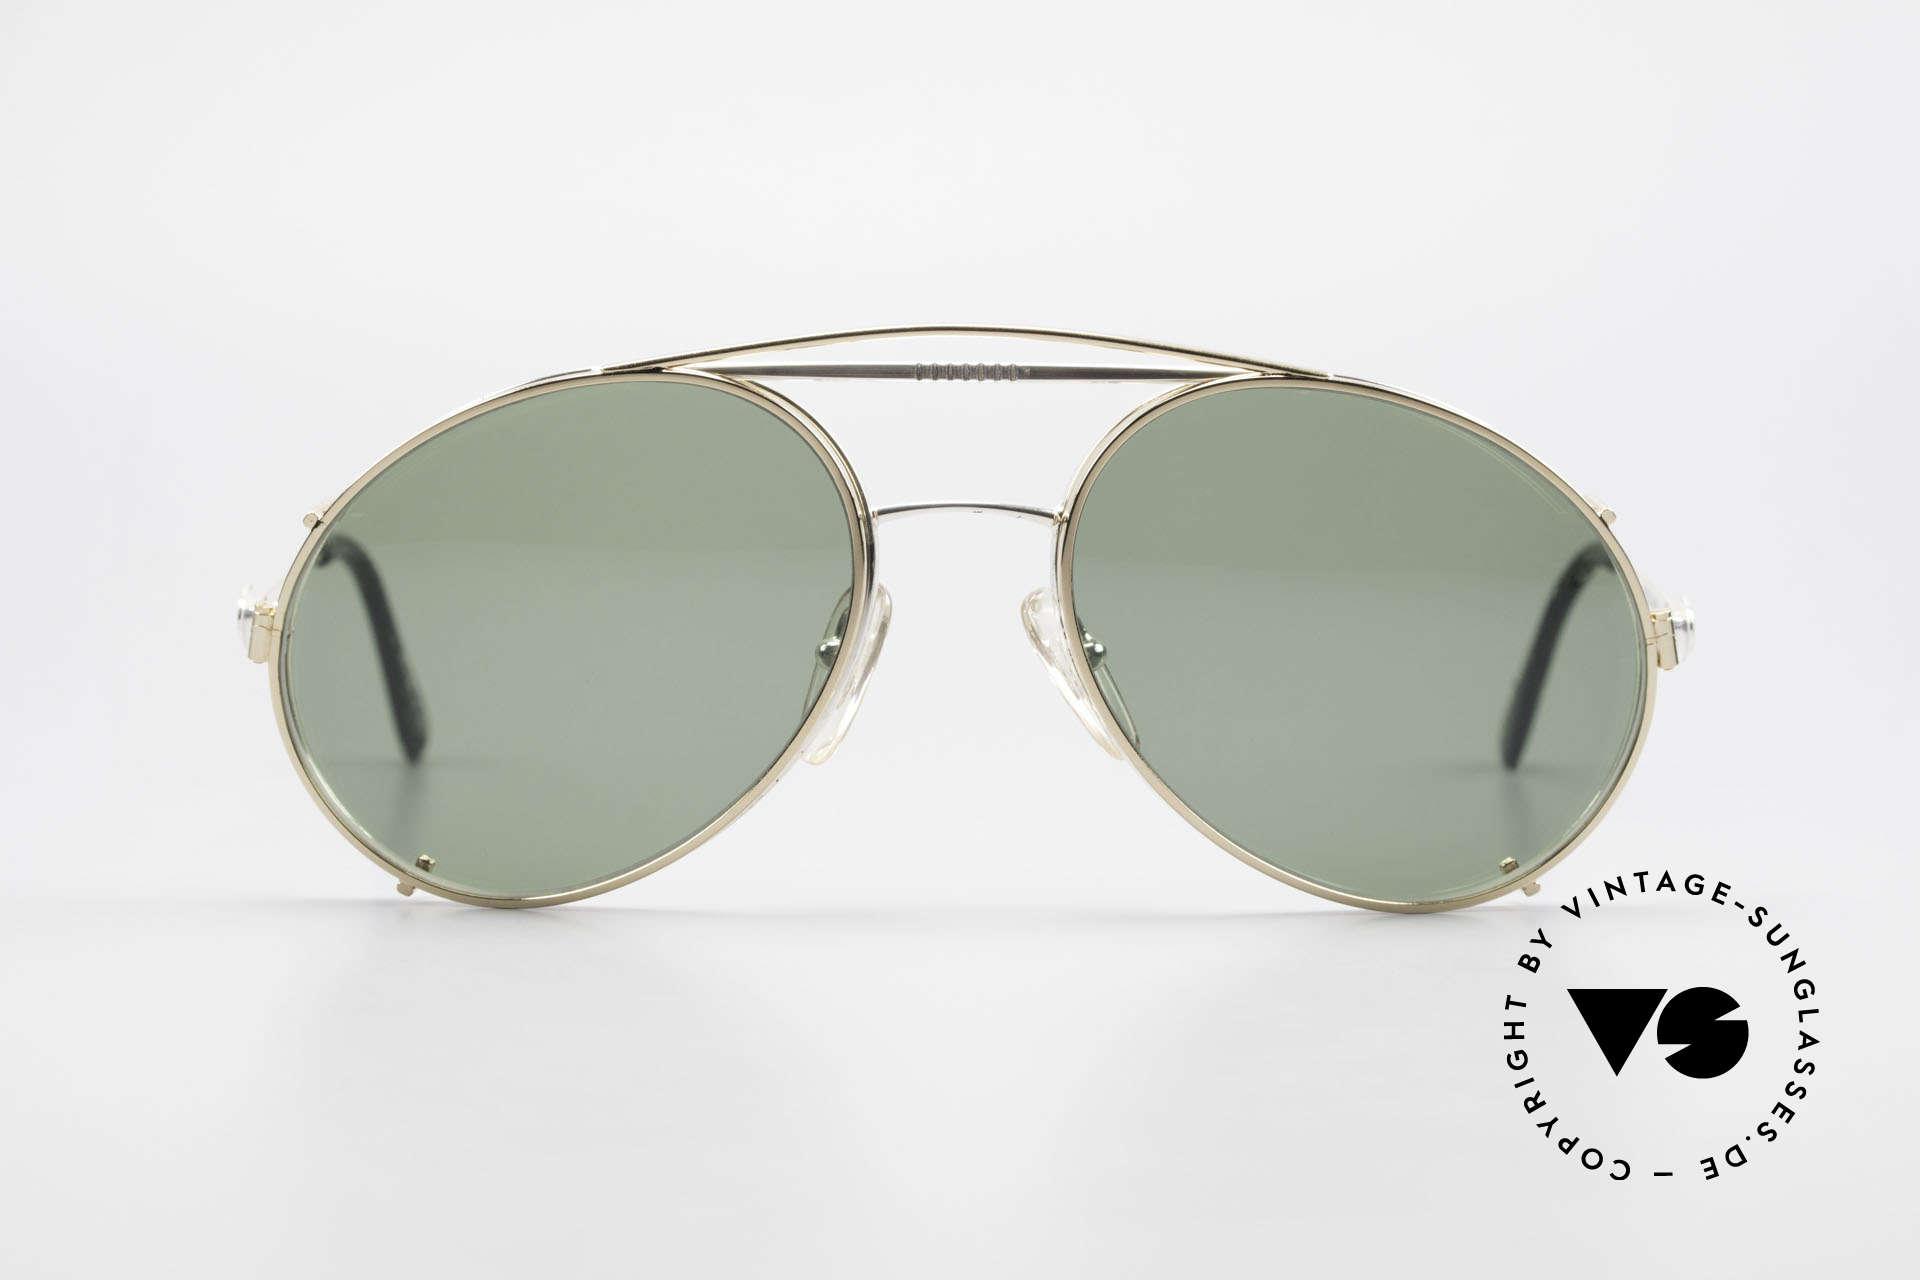 Bugatti 65996 Vintage 80er Brille Mit Clip On, in typischer / legendärer Bugatti-Tropfenform, Passend für Herren